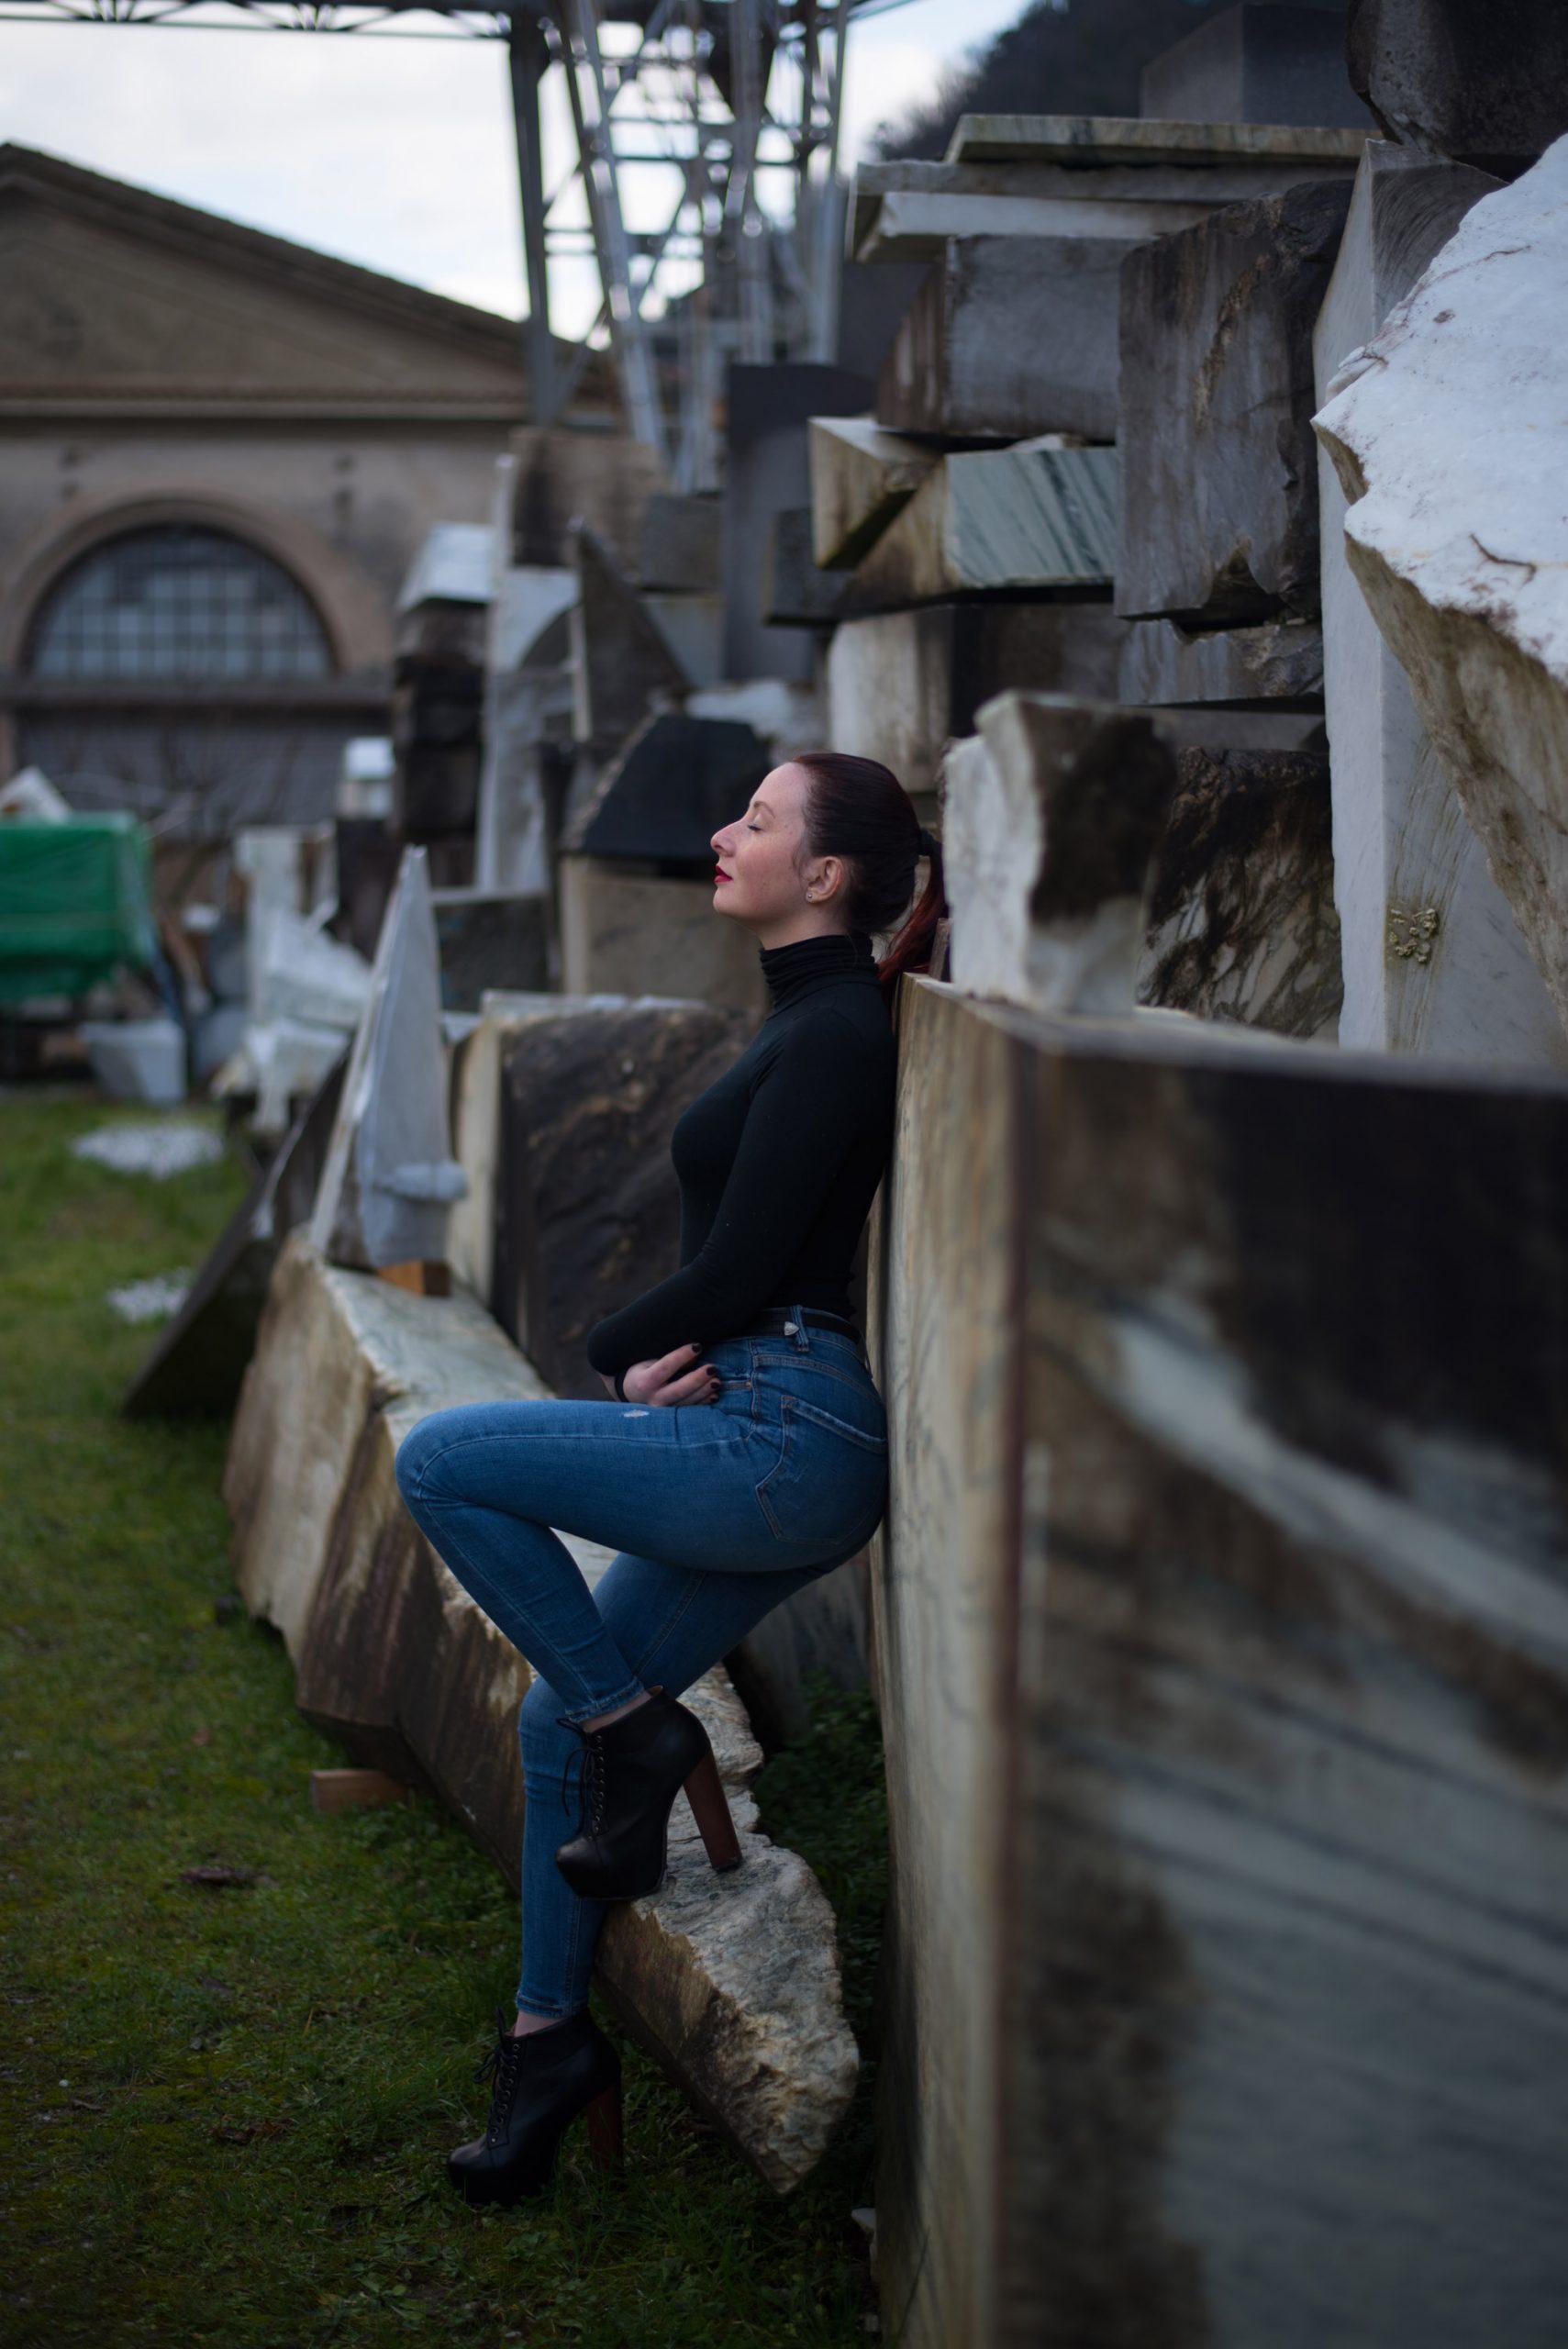 Categorie: Fashion, Portrait; Photographer: MASSIMILIANO TOLENTINI (tolemax); Model: ARIANNA DELLE ROSE; Location: Viareggio, LU, Italia